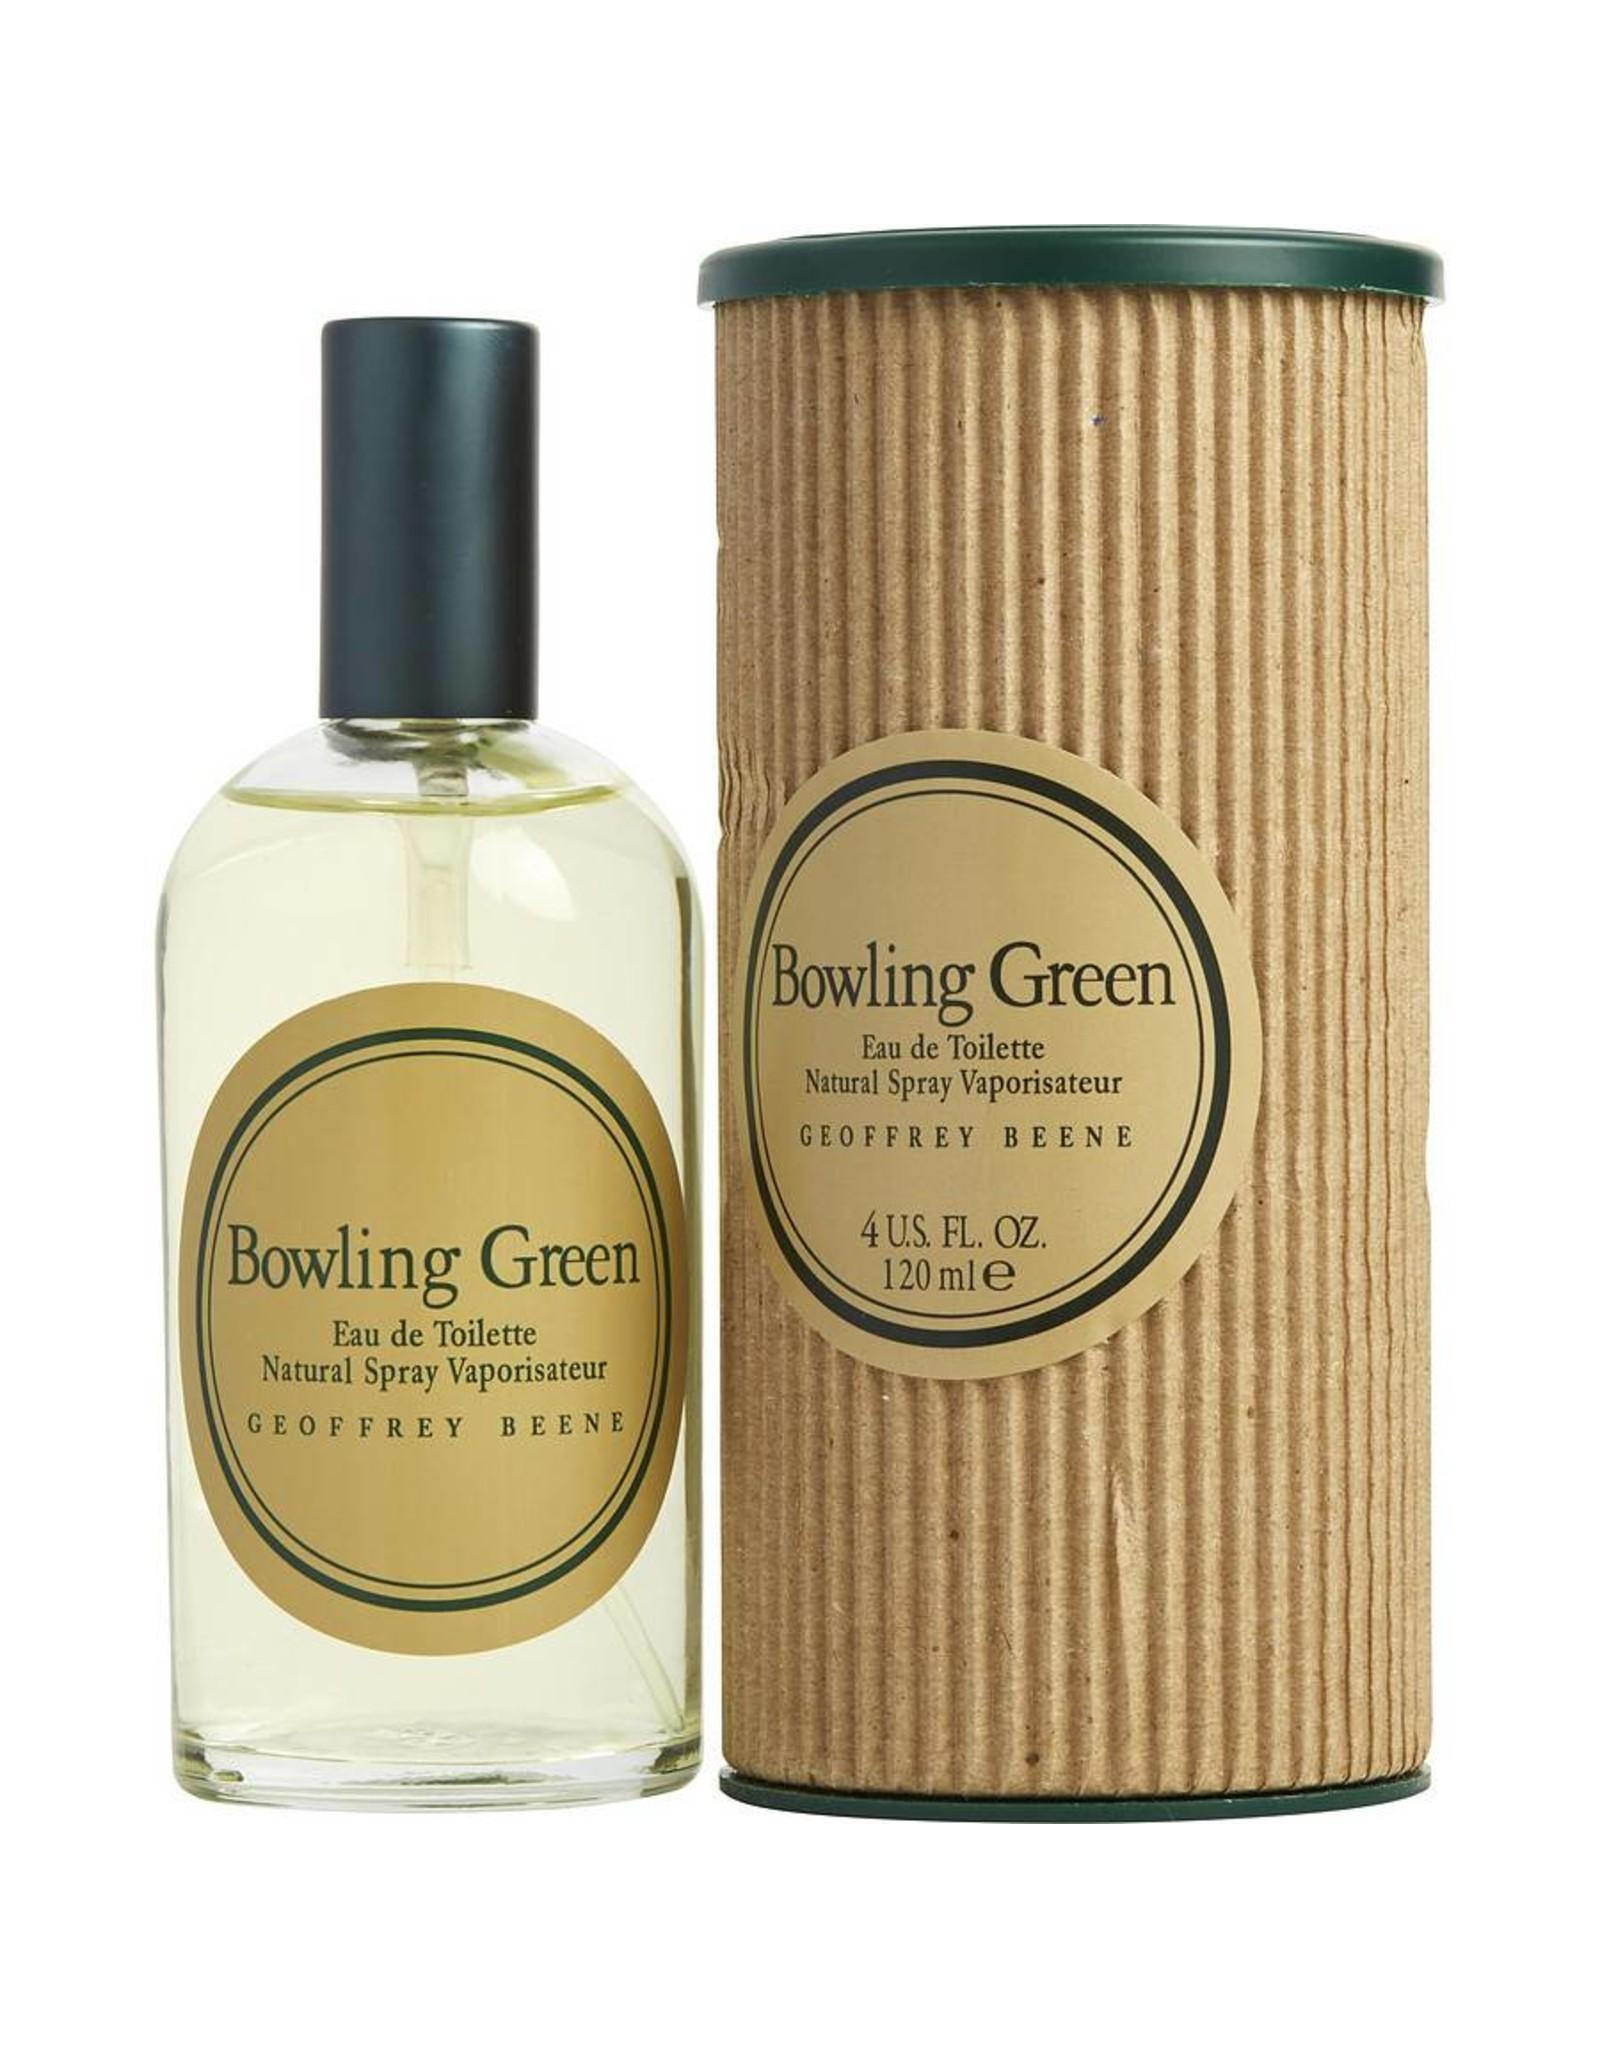 GEOFFREY BEENE GEOFFREY BEENE BOWLING GREEN